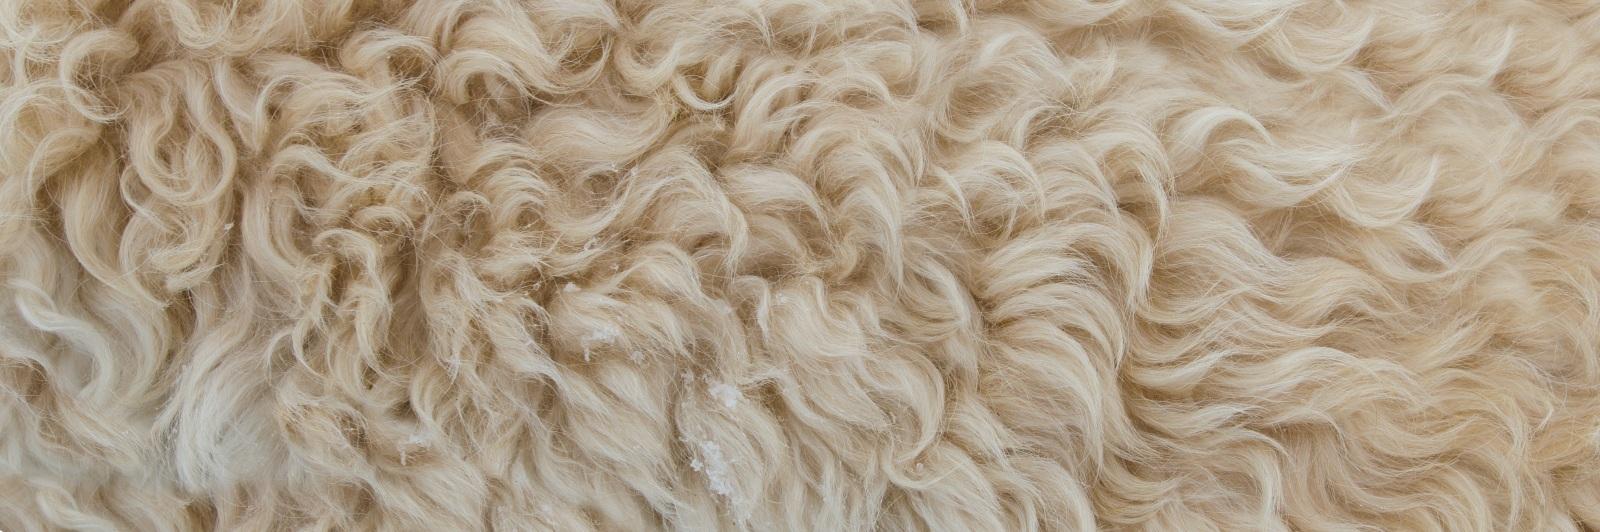 Wärmendes Tierhaar: Schafpelz oder auch einfach Wolle